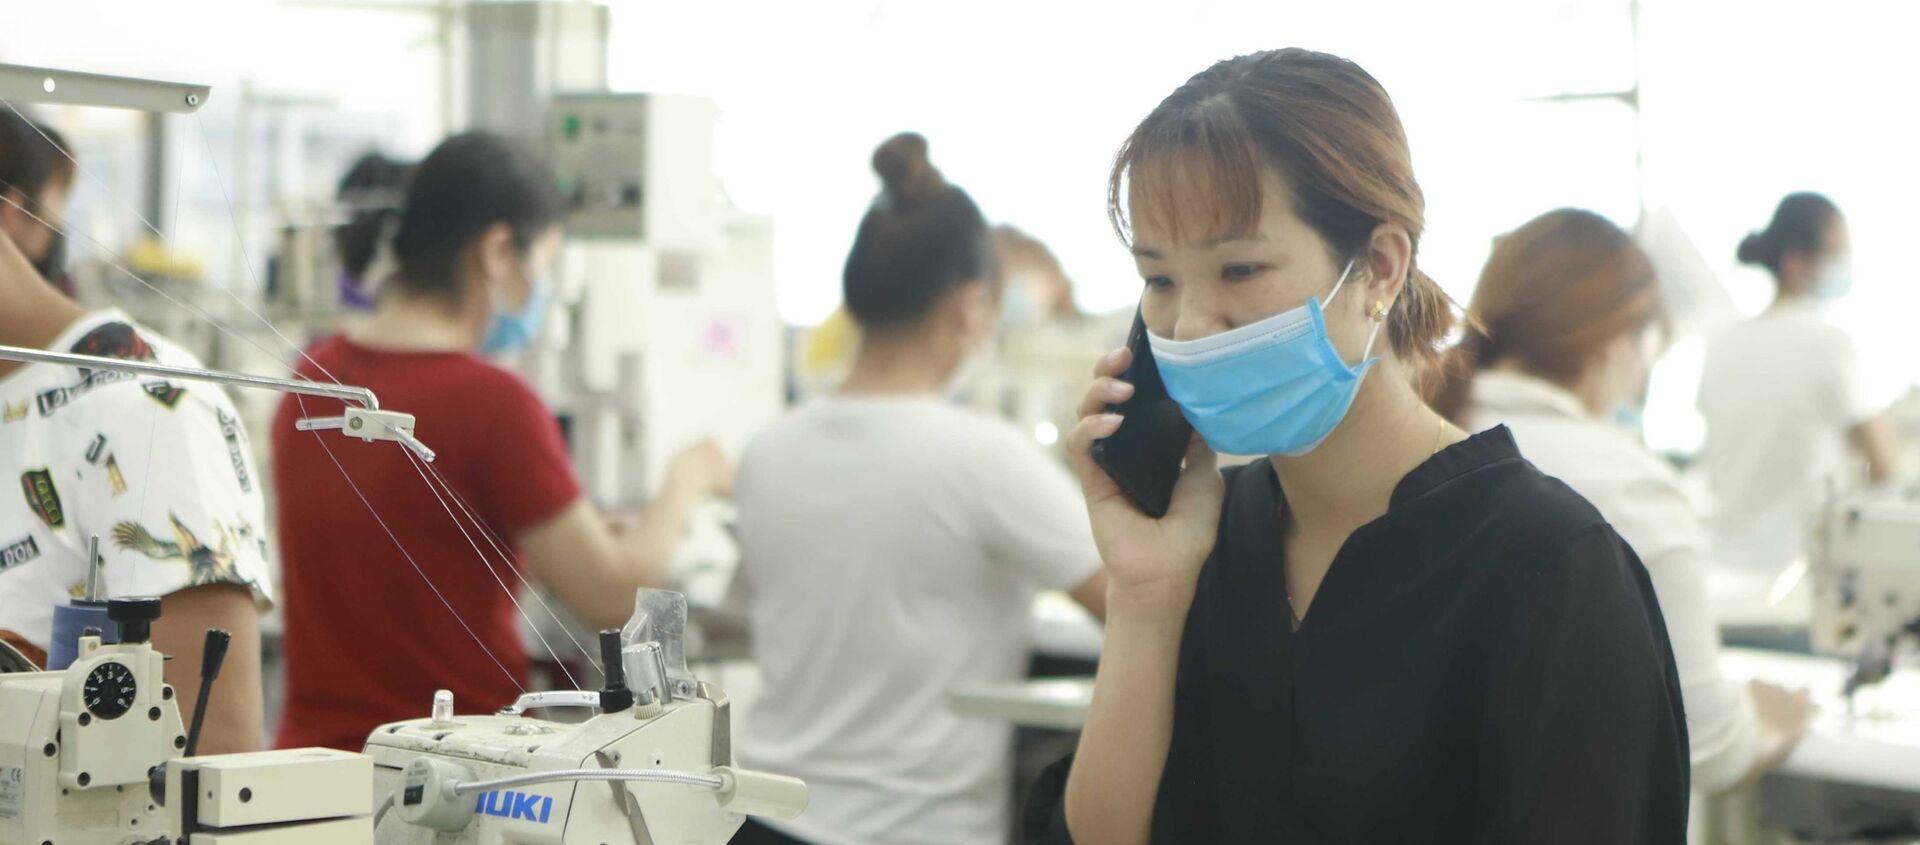 Tình huống giả định: Công nhân A đang làm việc thì nhận được thông báo qua điện thoại của cơ sở y tế đã tiếp xúc gần với một người có kết quả xét nghiệm dương tính với virus SARS -CoV-2, tổ trưởng phụ trách thông báo đến tổ phòng chống COVID -19 để đưa công nhân này đi cách ly.  - Sputnik Việt Nam, 1920, 15.07.2021